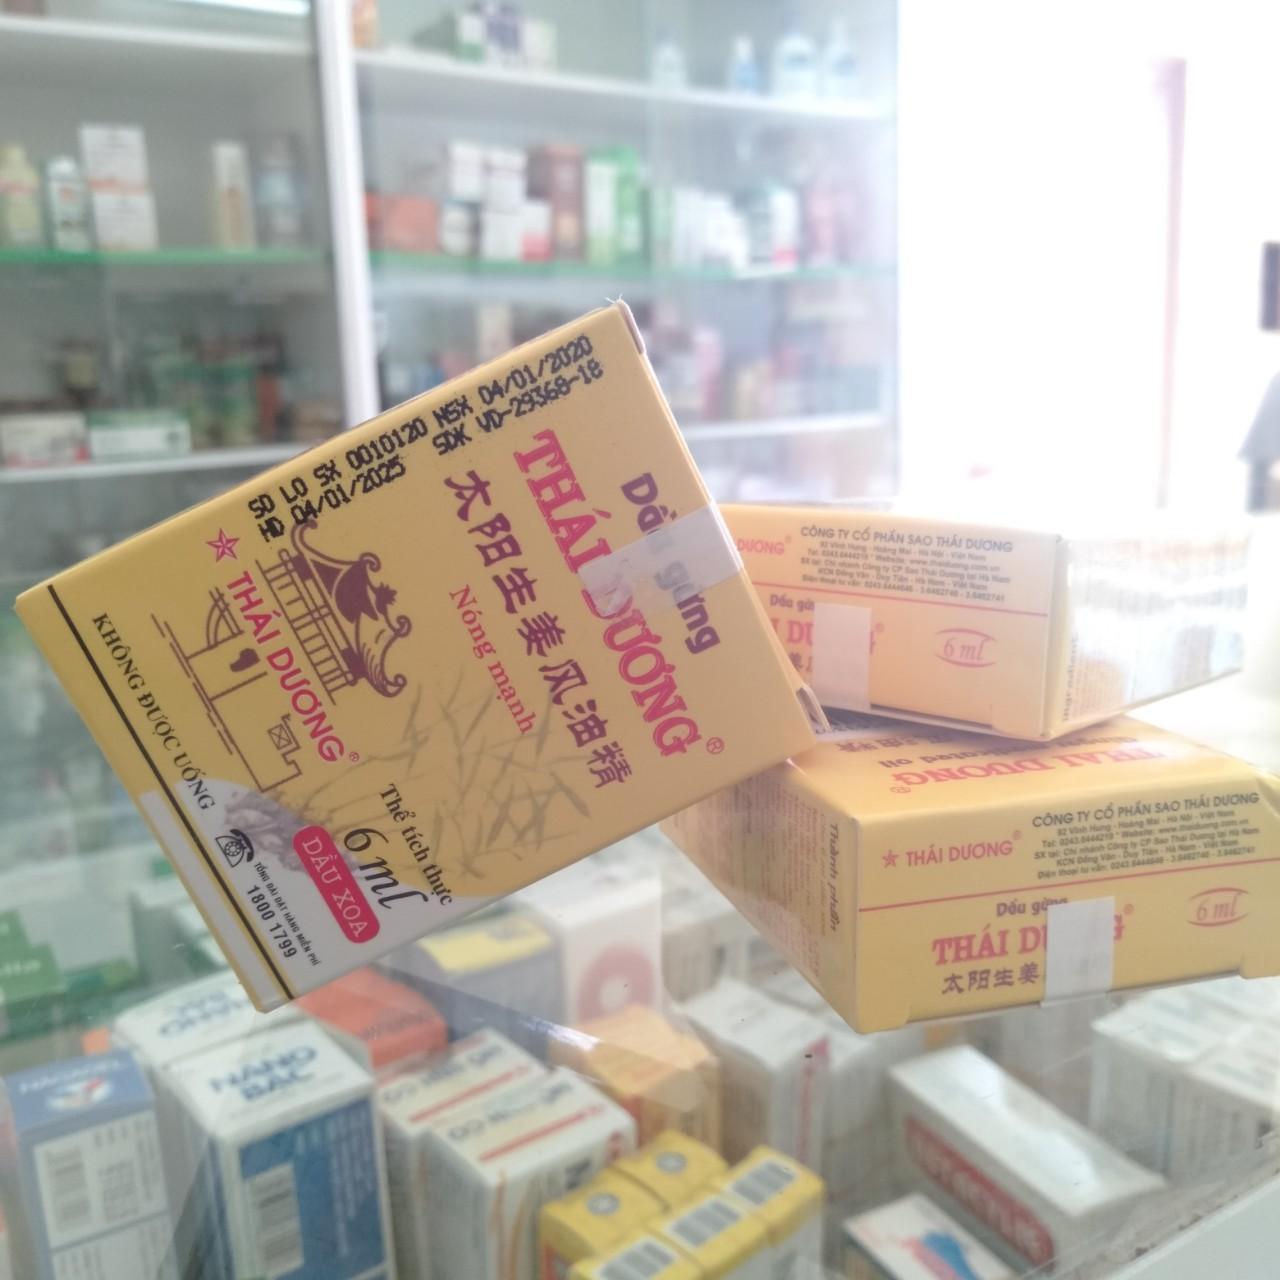 Lốc 3 chai DẦU GỪNG THÁI DƯƠNG 6 ML giảm cảm cúm, ngạt mũi, sổ mũi, nhức đầu, đau cơ, đau vai gáy, đau mình mẩy, cảm lạnh, say tàu xe, côn trùng cắn.